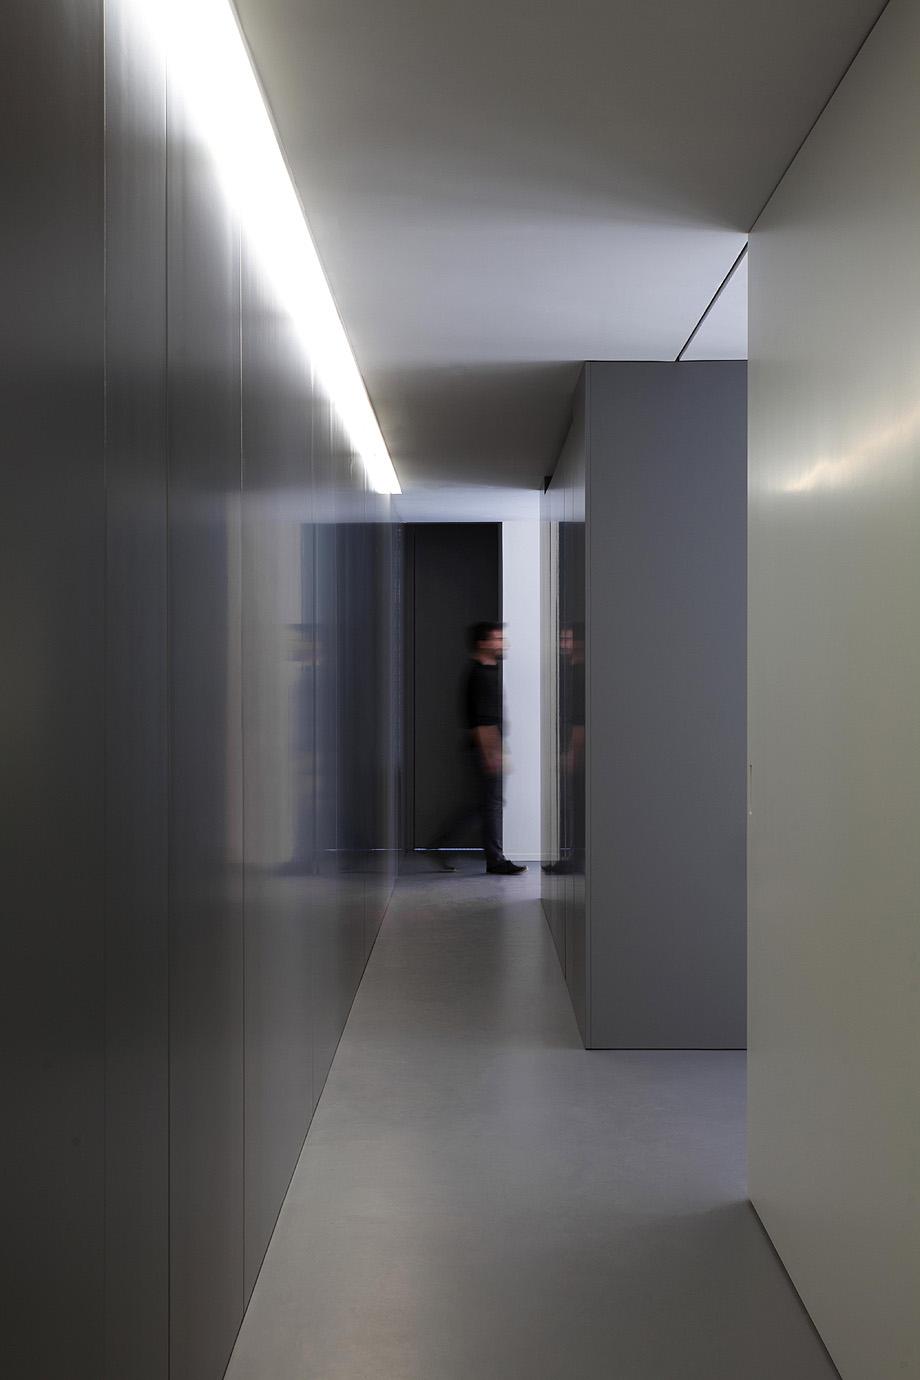 oficinas oav de fran silvestre arquitectos - foto diego opazo (25)